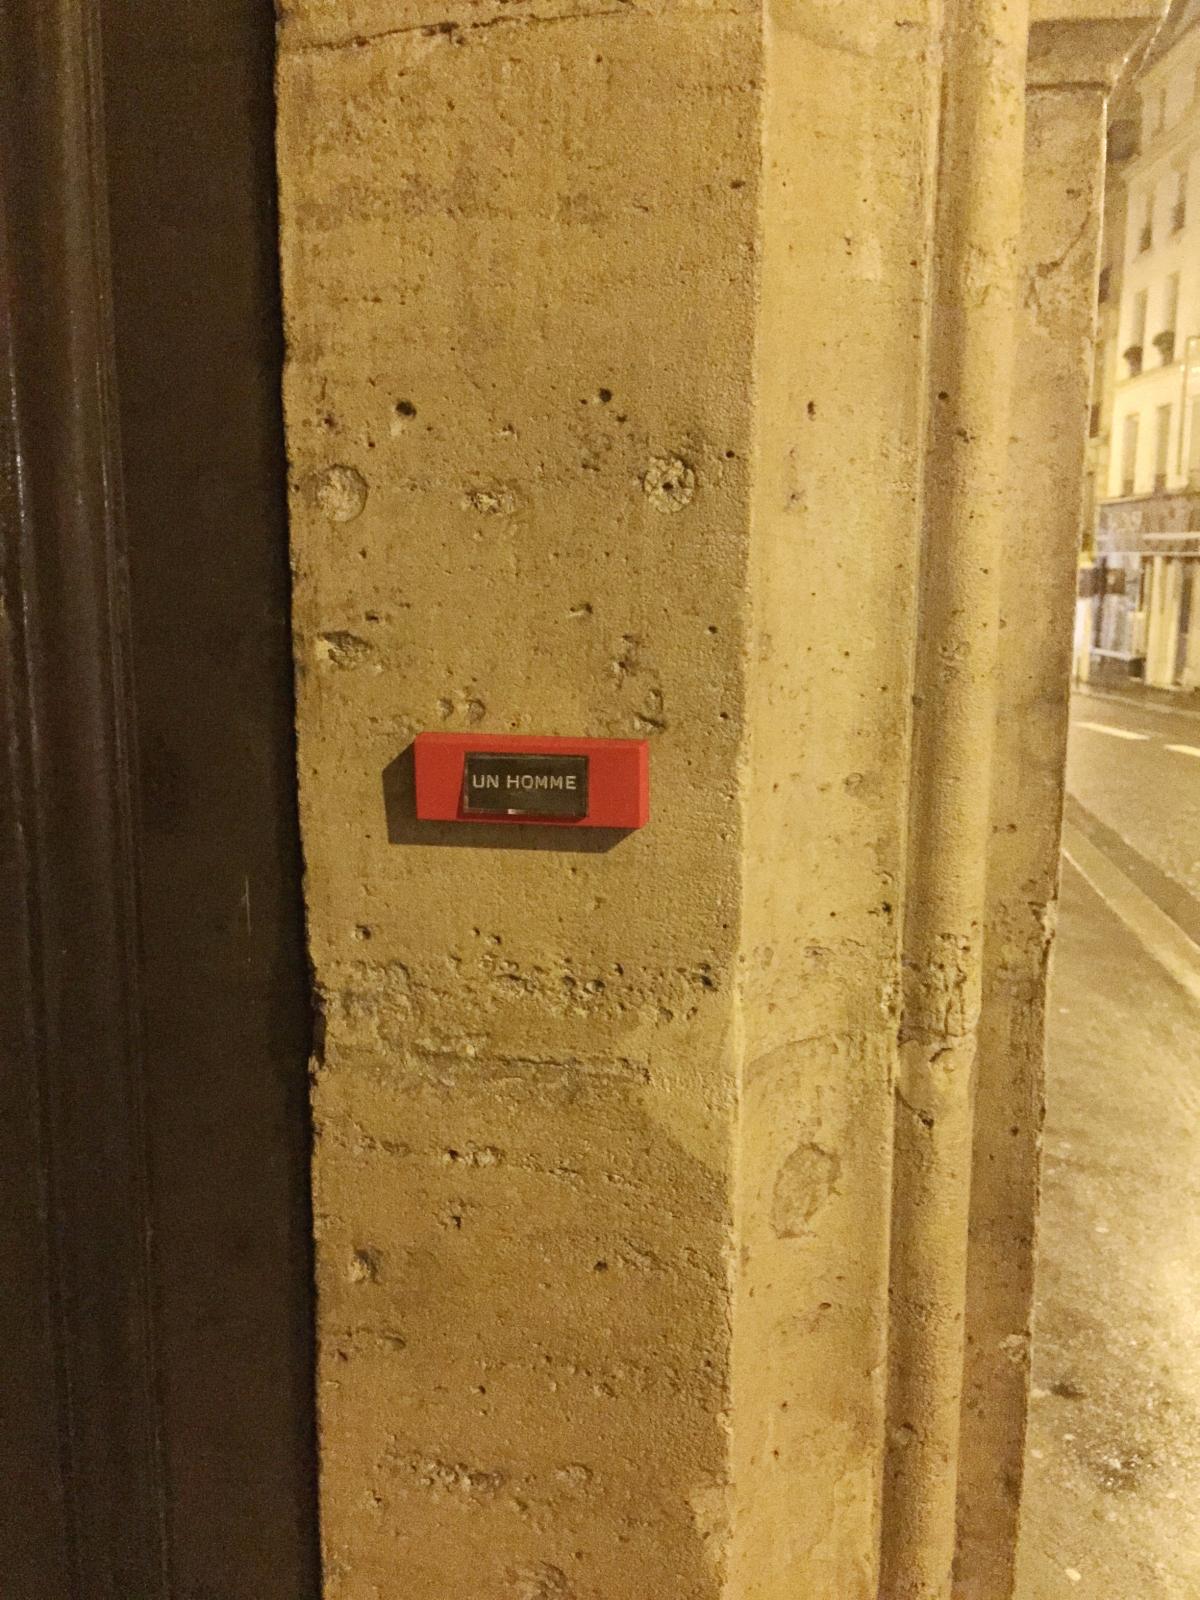 Unhomme- Paris 9ème arrondissement - 2014 - Le Sonneur